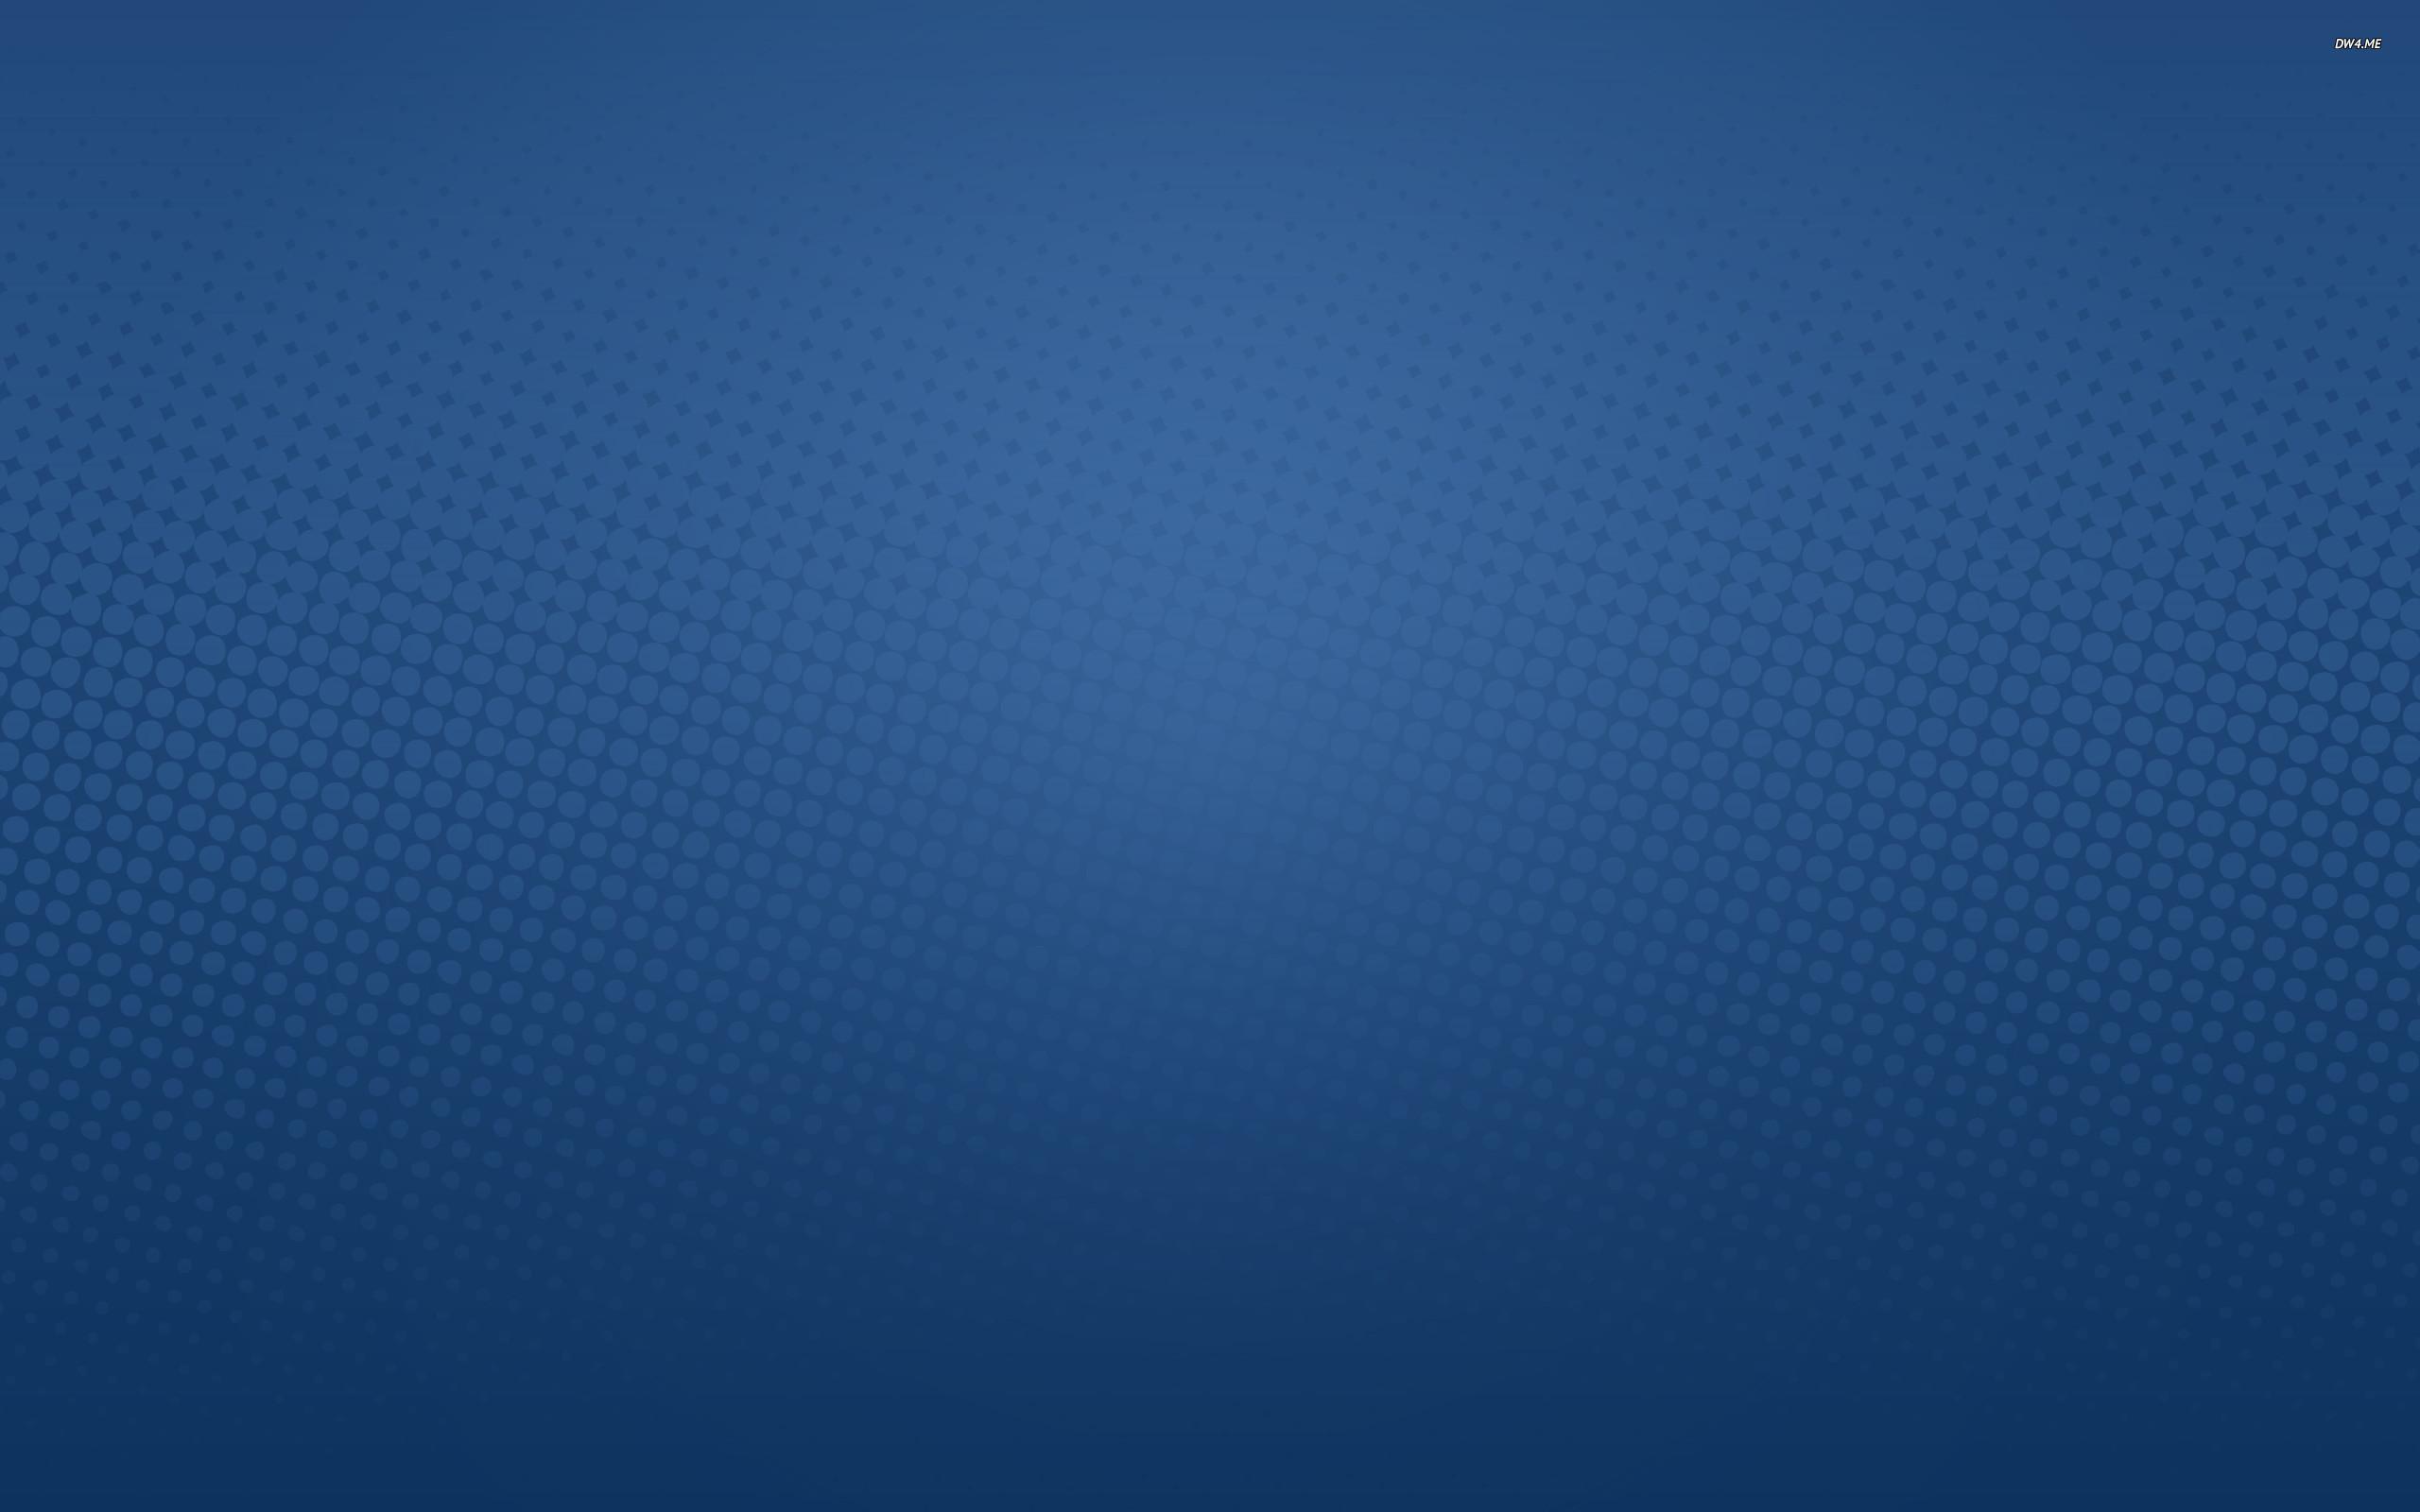 Blue Texture Wallpaper Hd Navy Blue Desktop Background